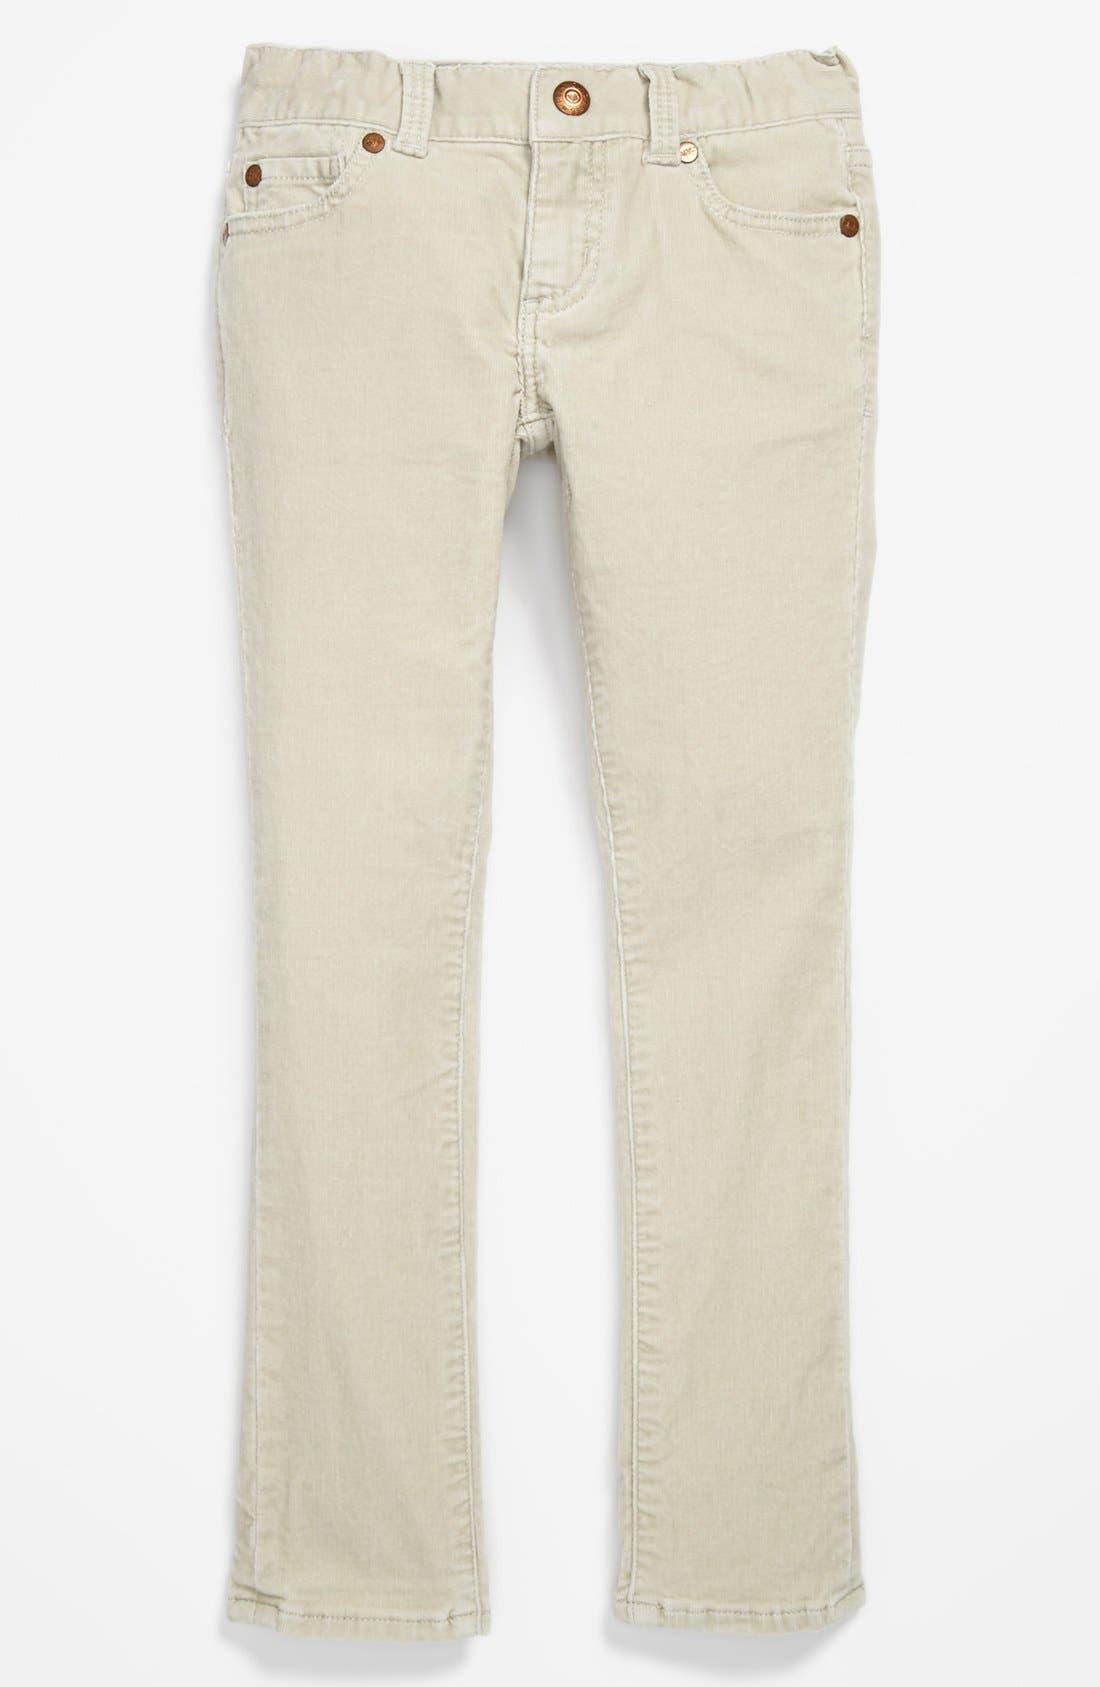 Alternate Image 2  - Peek 'Margot' Corduroy Pants (Toddler Girls, Little Girls & Big Girls)